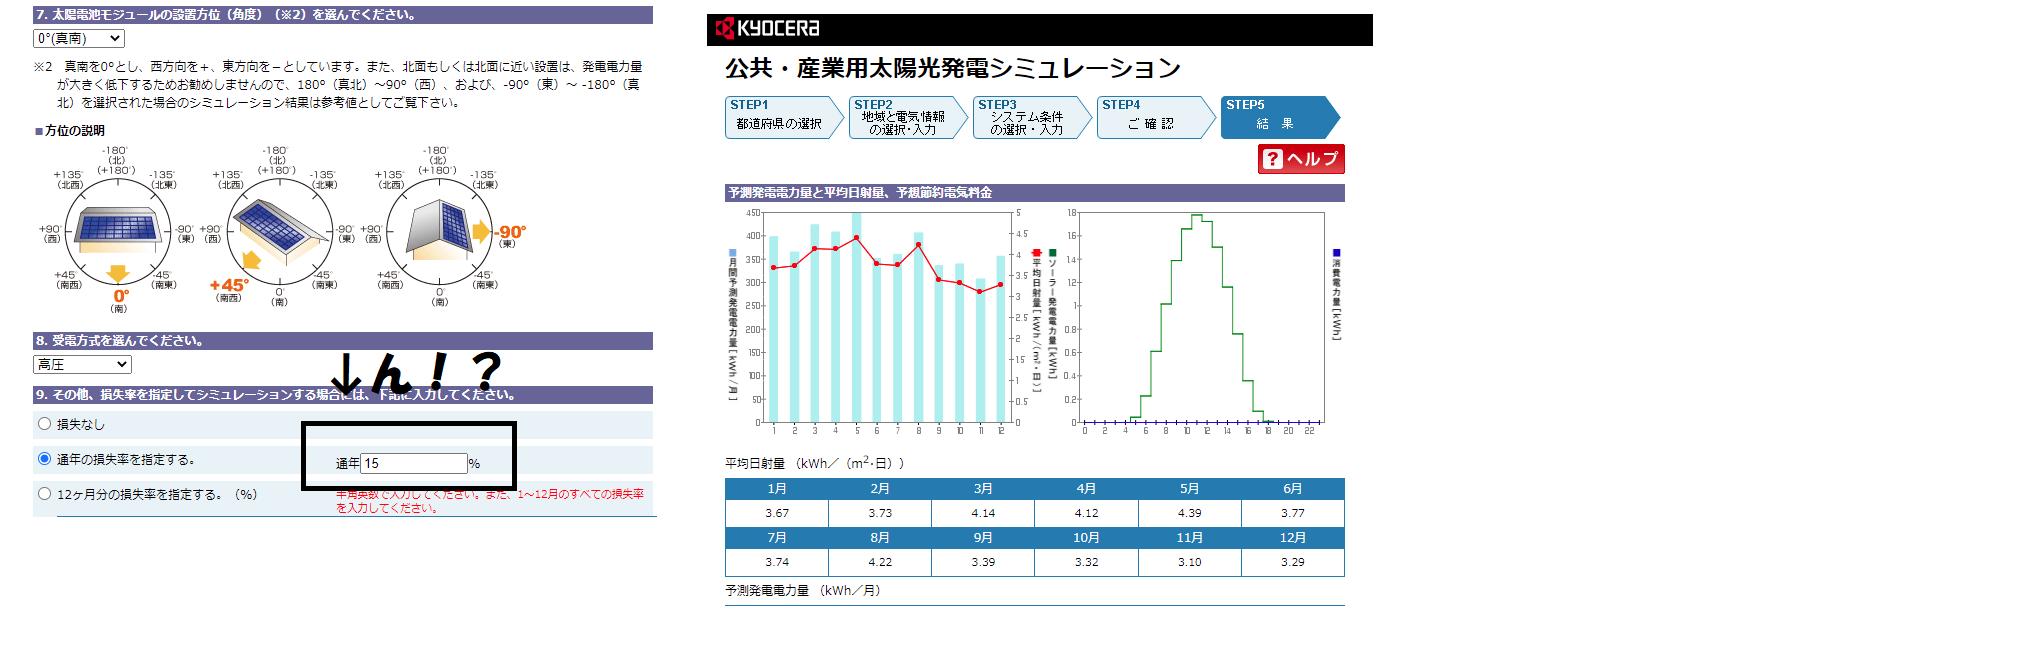 京セラの太陽光シミュレーション